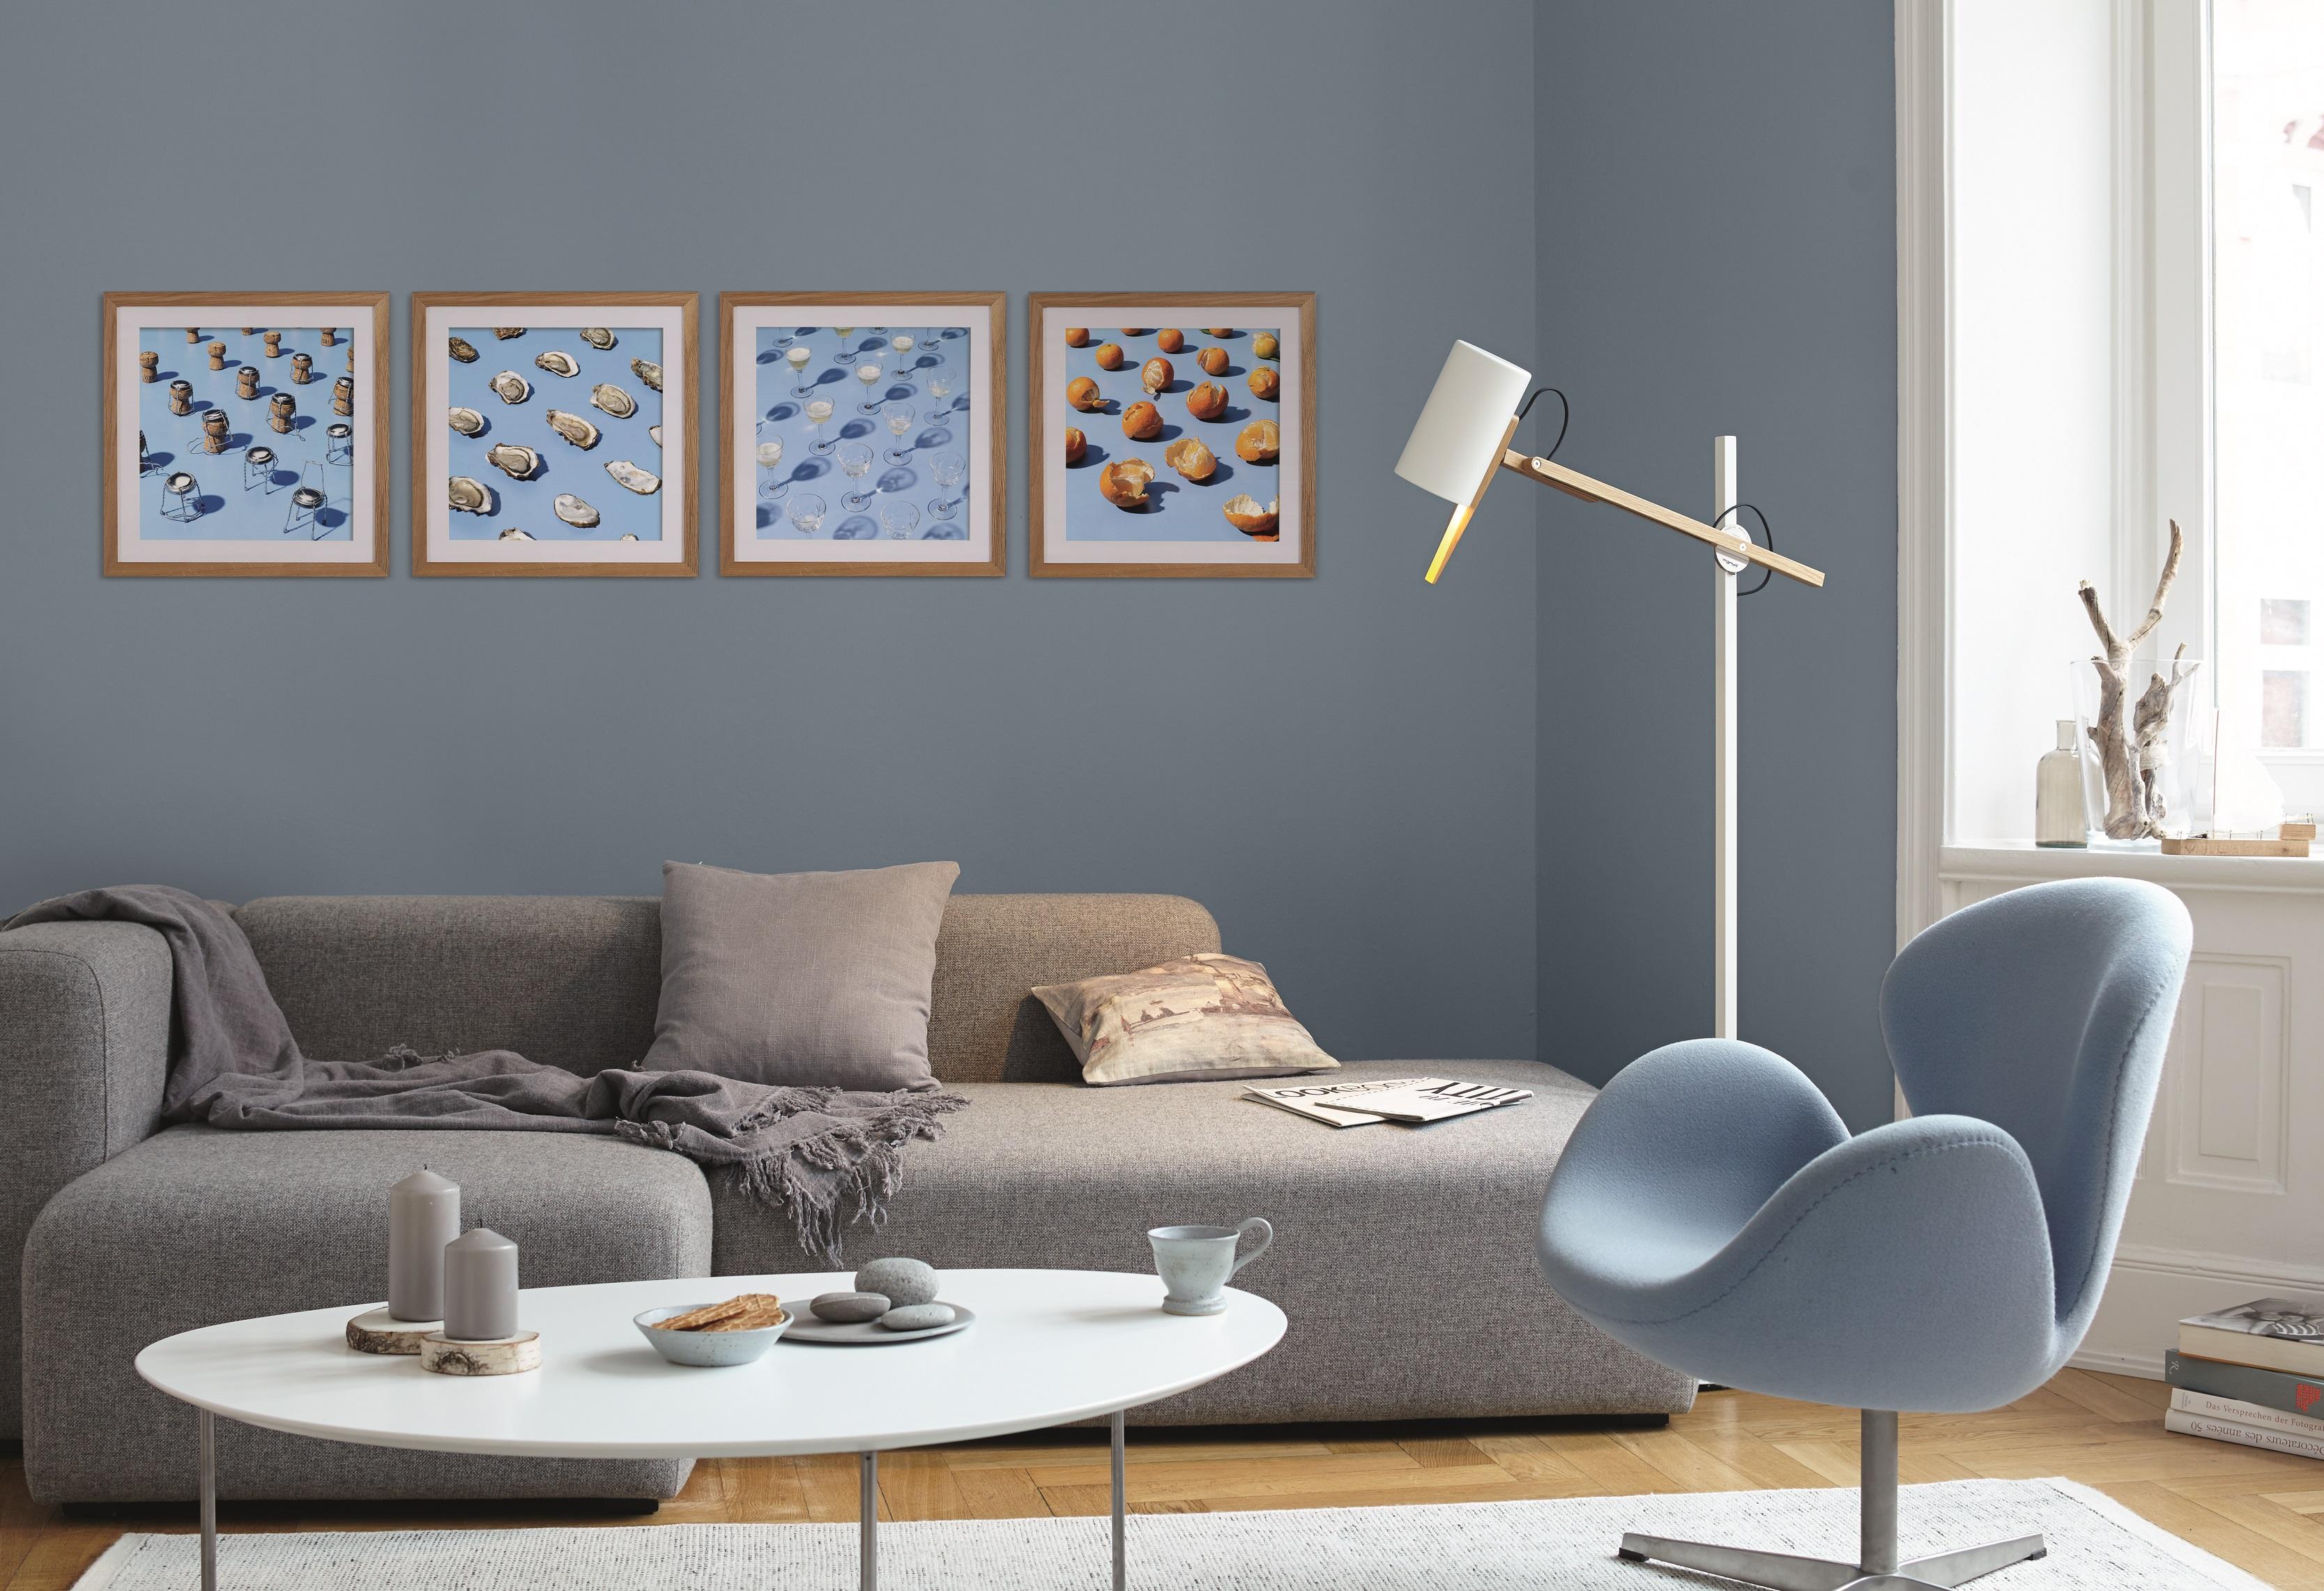 kunst und farbe individuell kombinieren alpina farbe einrichten. Black Bedroom Furniture Sets. Home Design Ideas